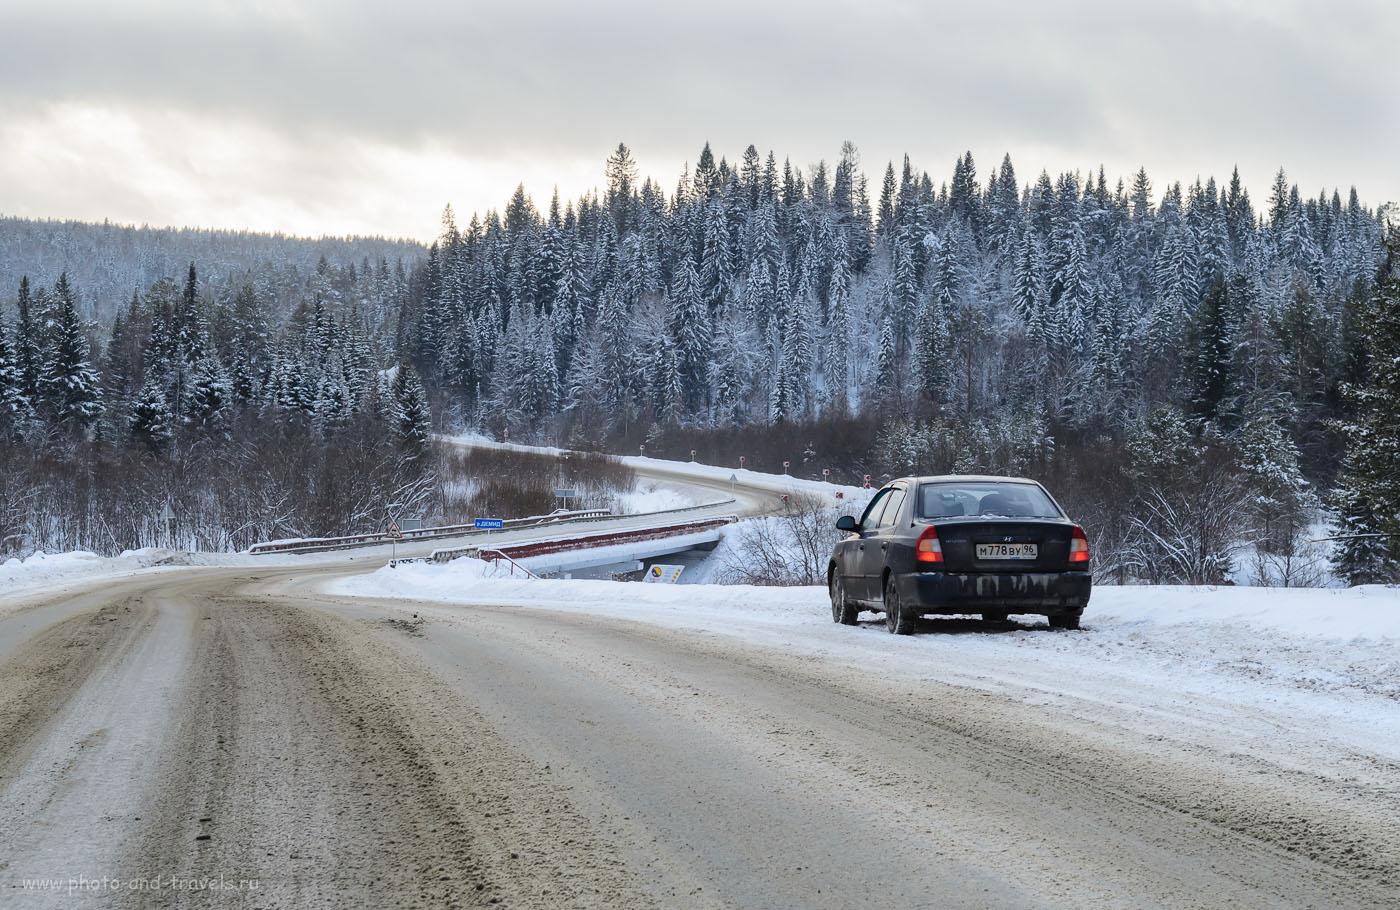 """Фото 1. Зимний пейзаж в нескольких километрах от природного парка """"Оленьи ручьи"""". Камера Nikon D5100. Объектив AF-S DX Zoom-Nikkor 17-55mm f/2.8G IF-ED. Настройки при съемке: 1/250 сек, 0 eV, приоритет диафрагмы, f/7.1, 45 мм, ИСО 250."""